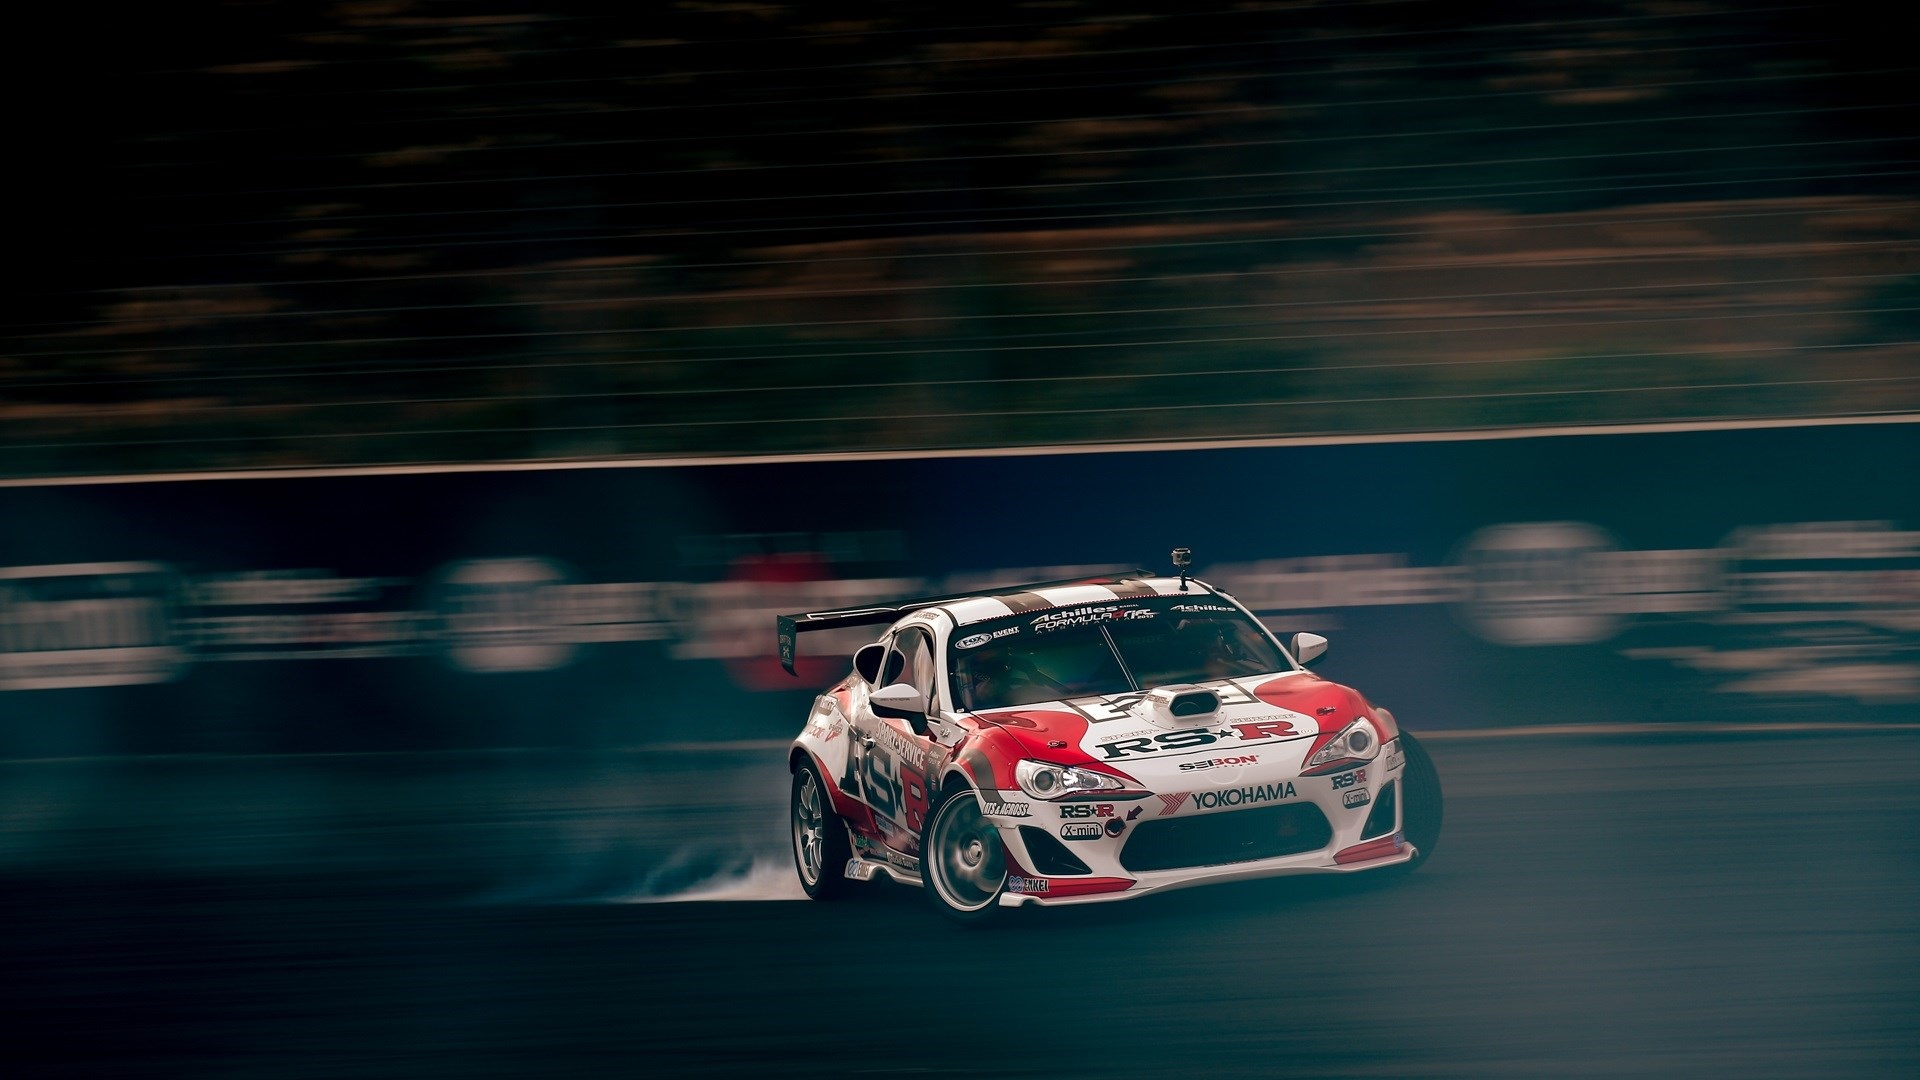 壁紙 トヨタレースカースピード ドリフト 19x1080 Full Hd 2k 無料のデスクトップの背景 画像